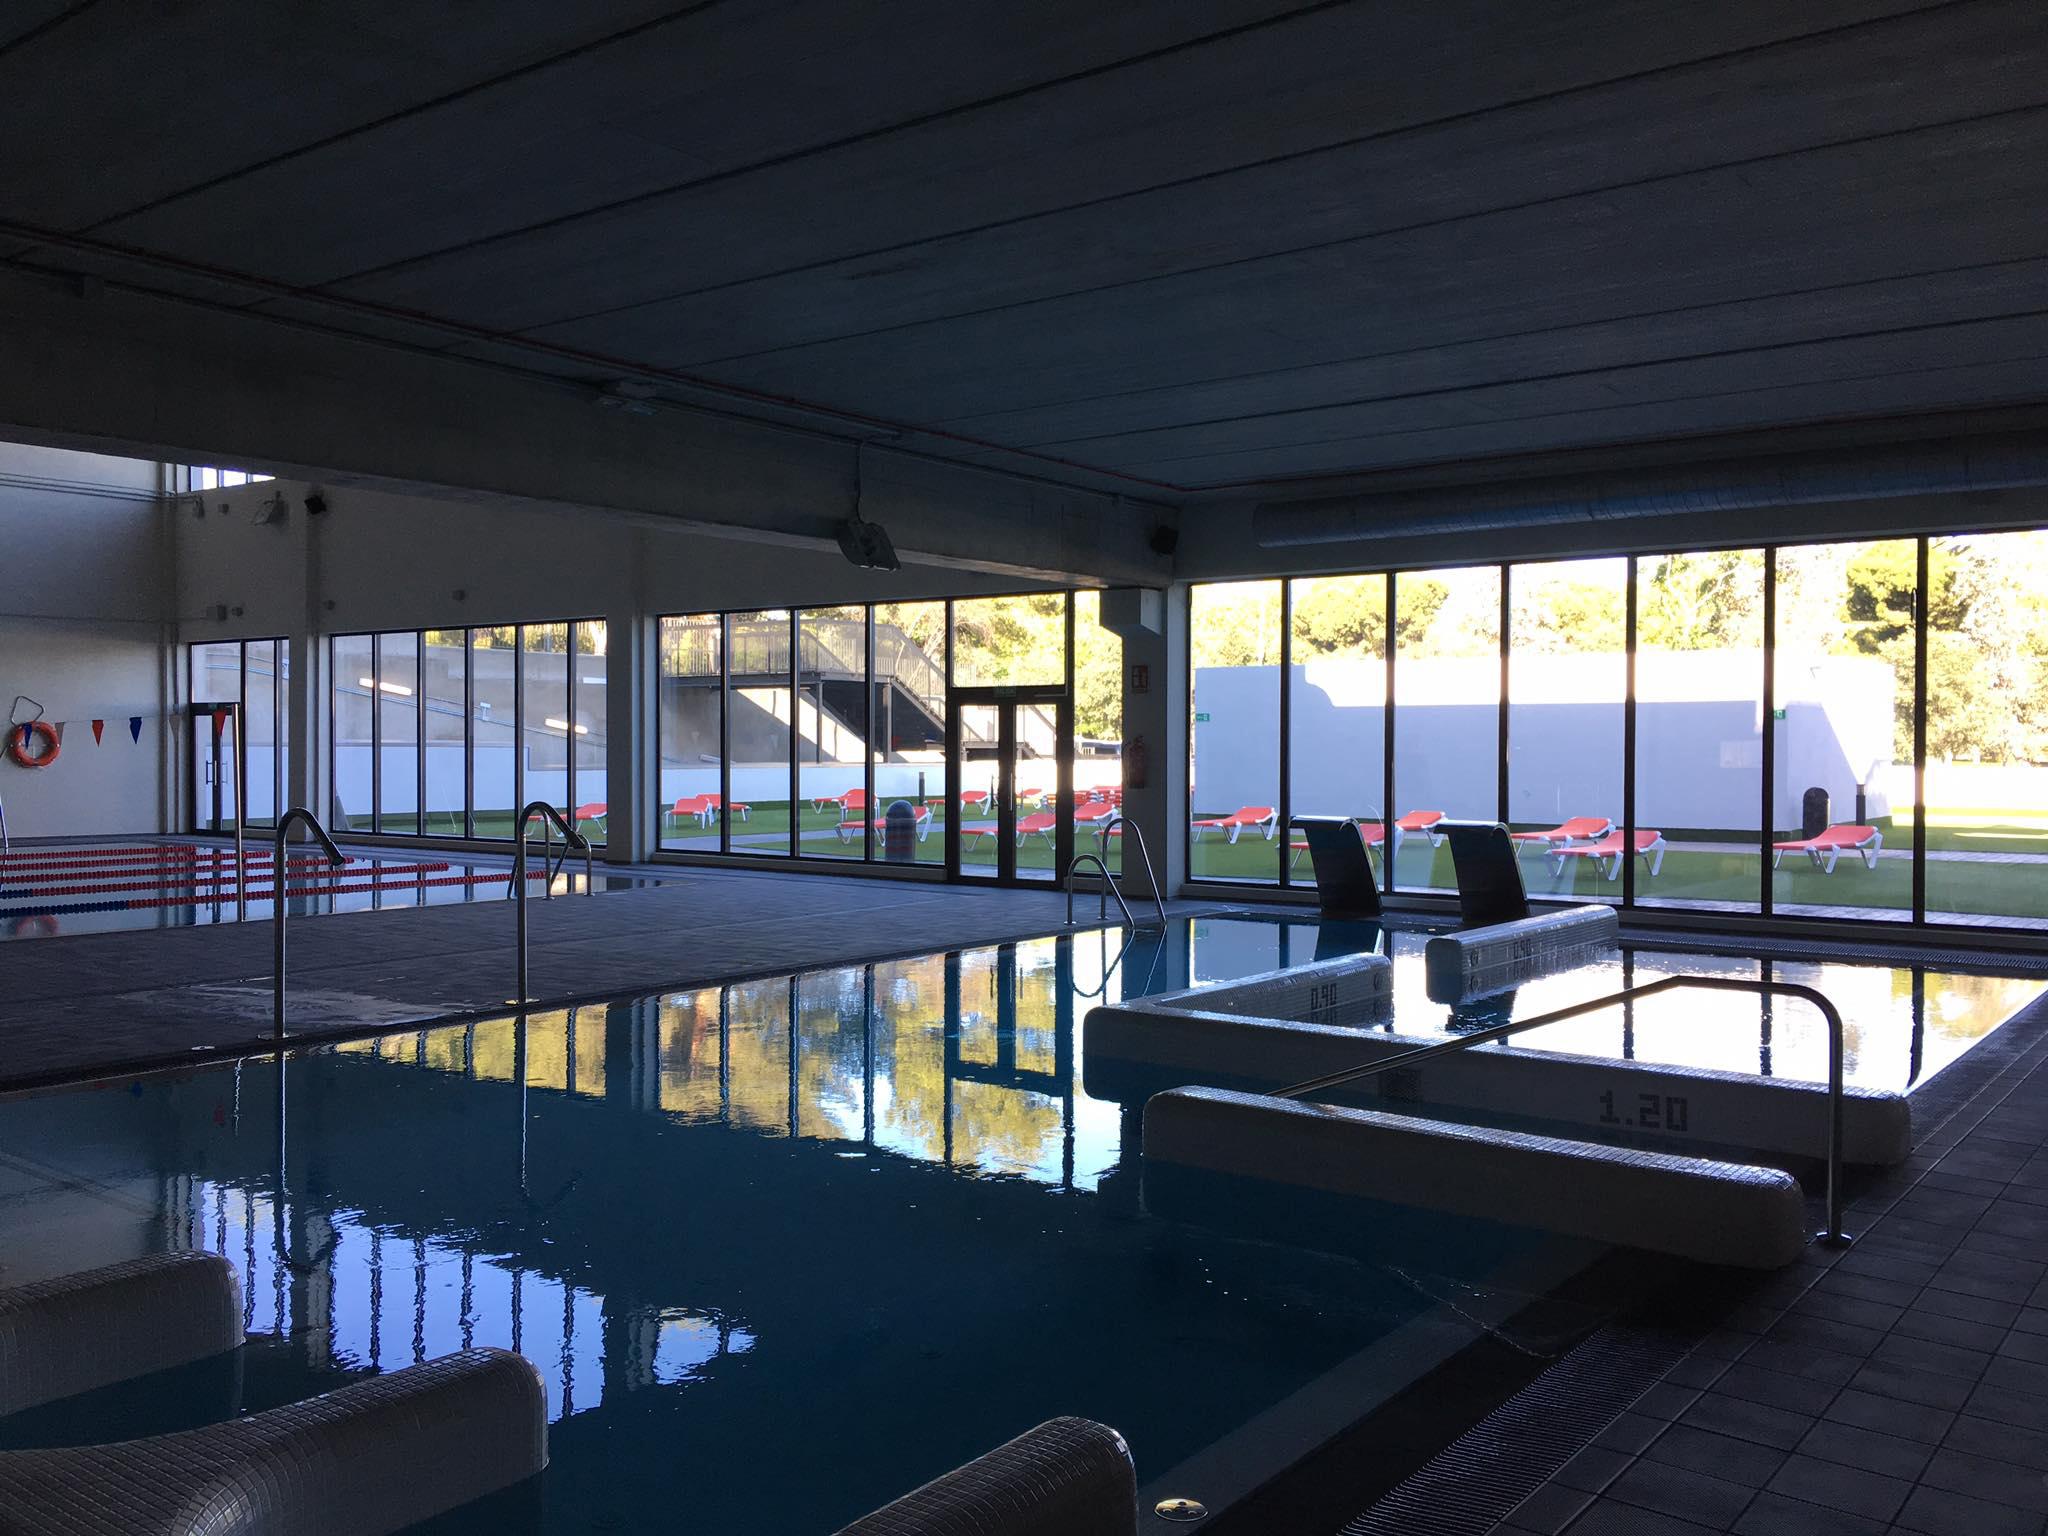 Go fit abre su cuarto club en madrid cmd sport for Go fit piscinas san miguel